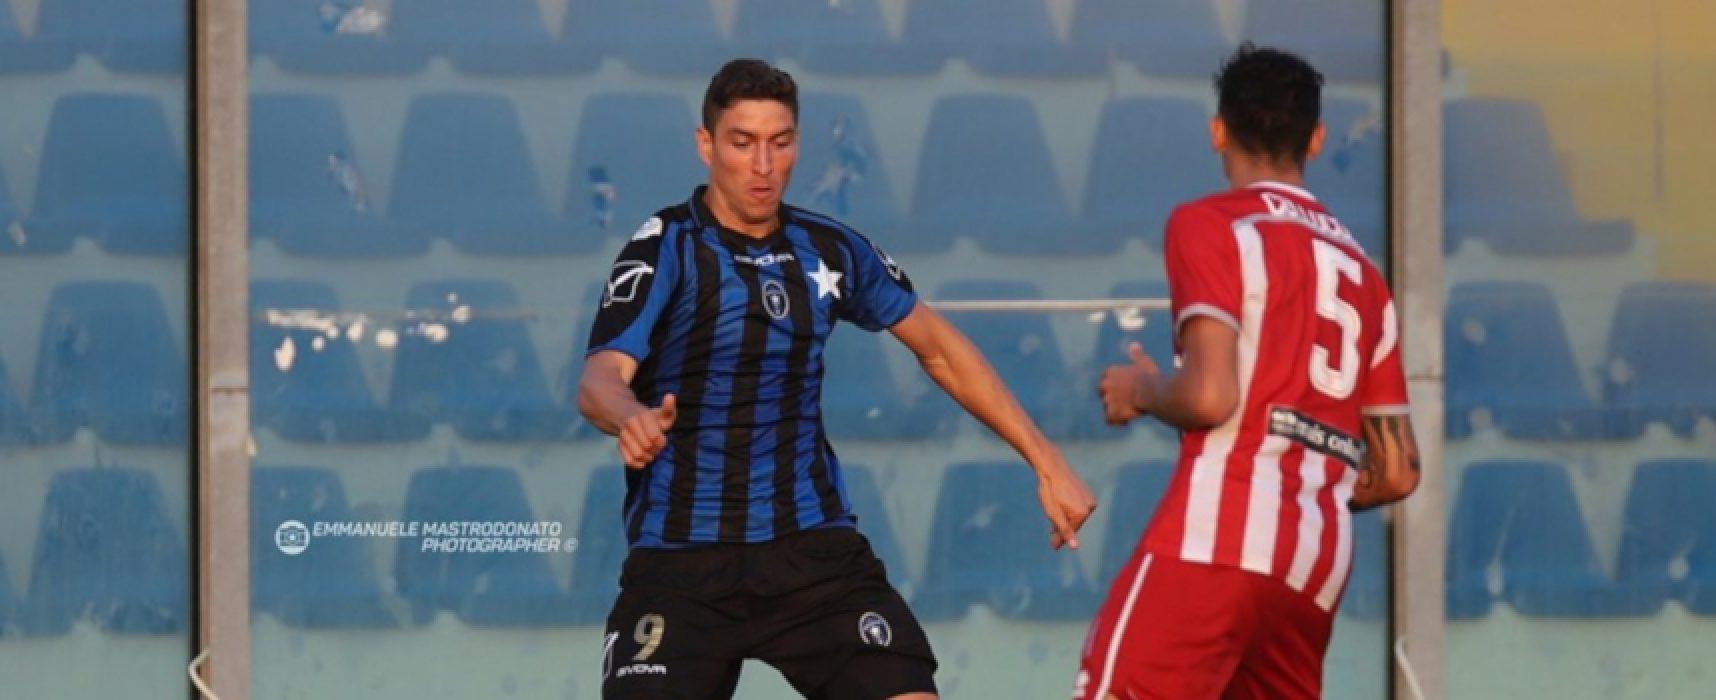 """Esordio casalingo per il Bisceglie Calcio, al """"Ventura"""" arriva il Catanzaro"""